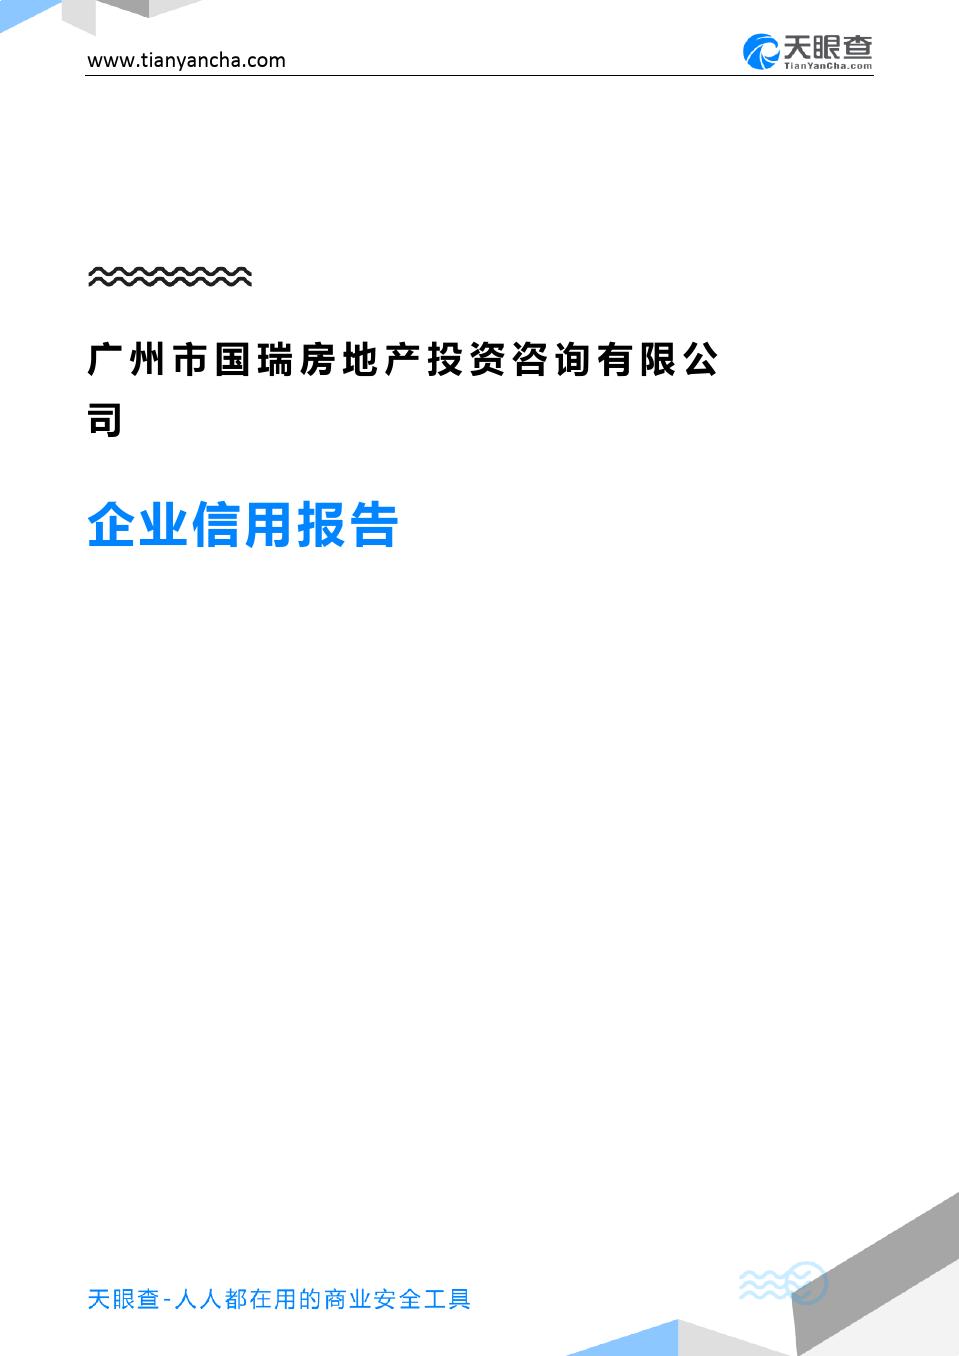 广州市国瑞房地产投资咨询有限公司企业信用报告-天眼查